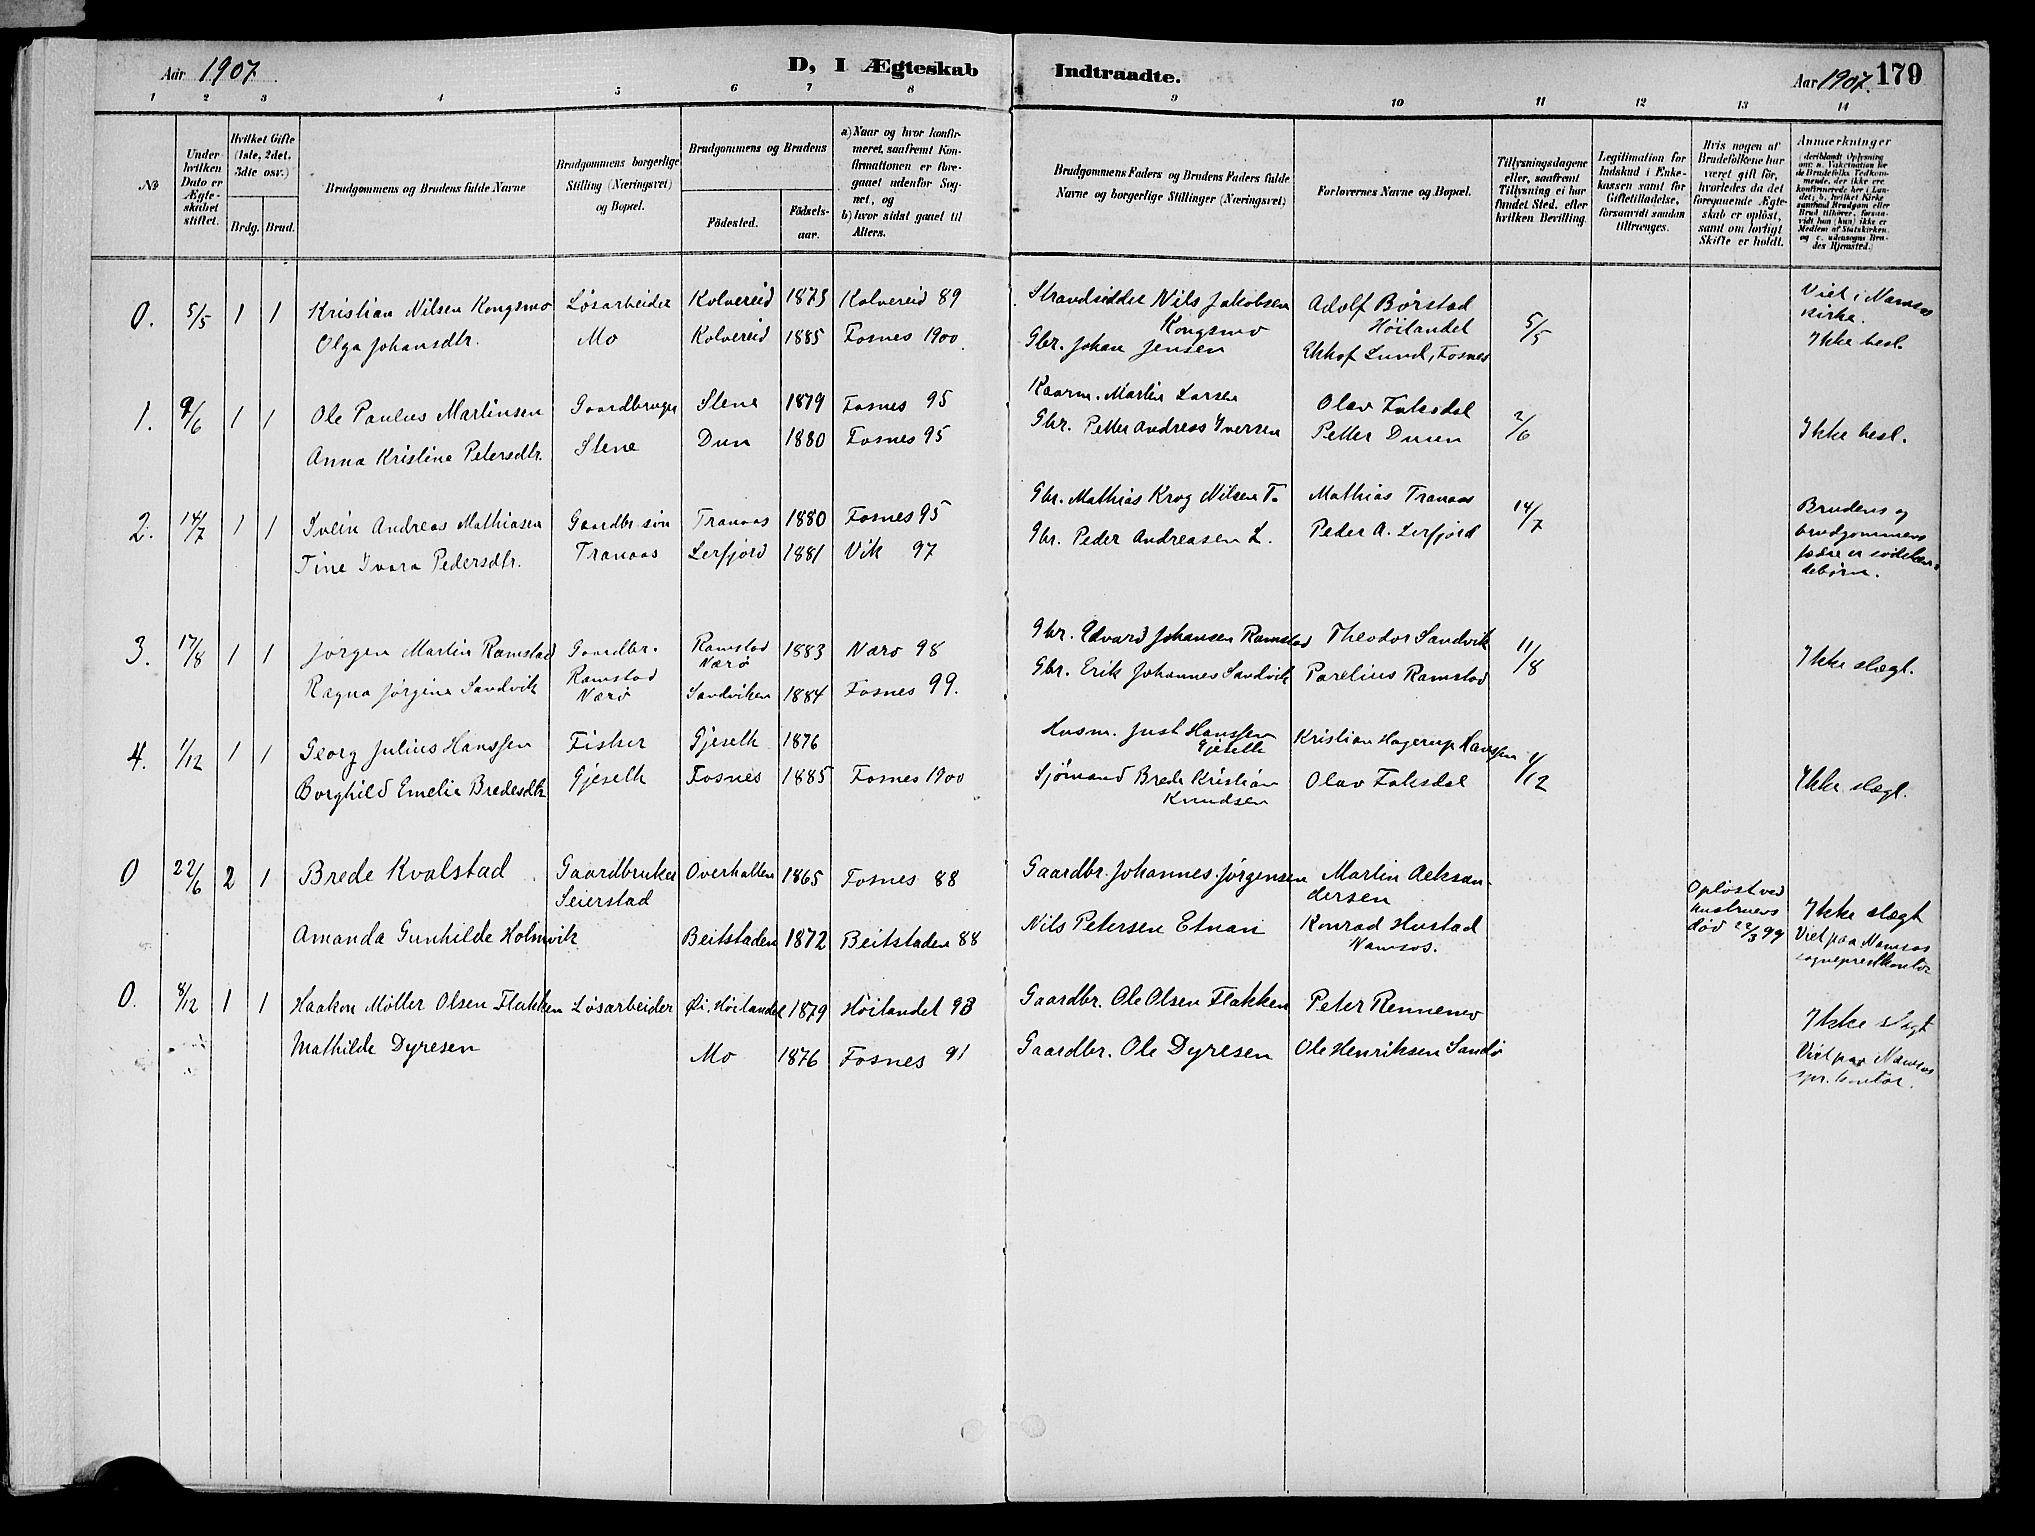 SAT, Ministerialprotokoller, klokkerbøker og fødselsregistre - Nord-Trøndelag, 773/L0617: Ministerialbok nr. 773A08, 1887-1910, s. 179